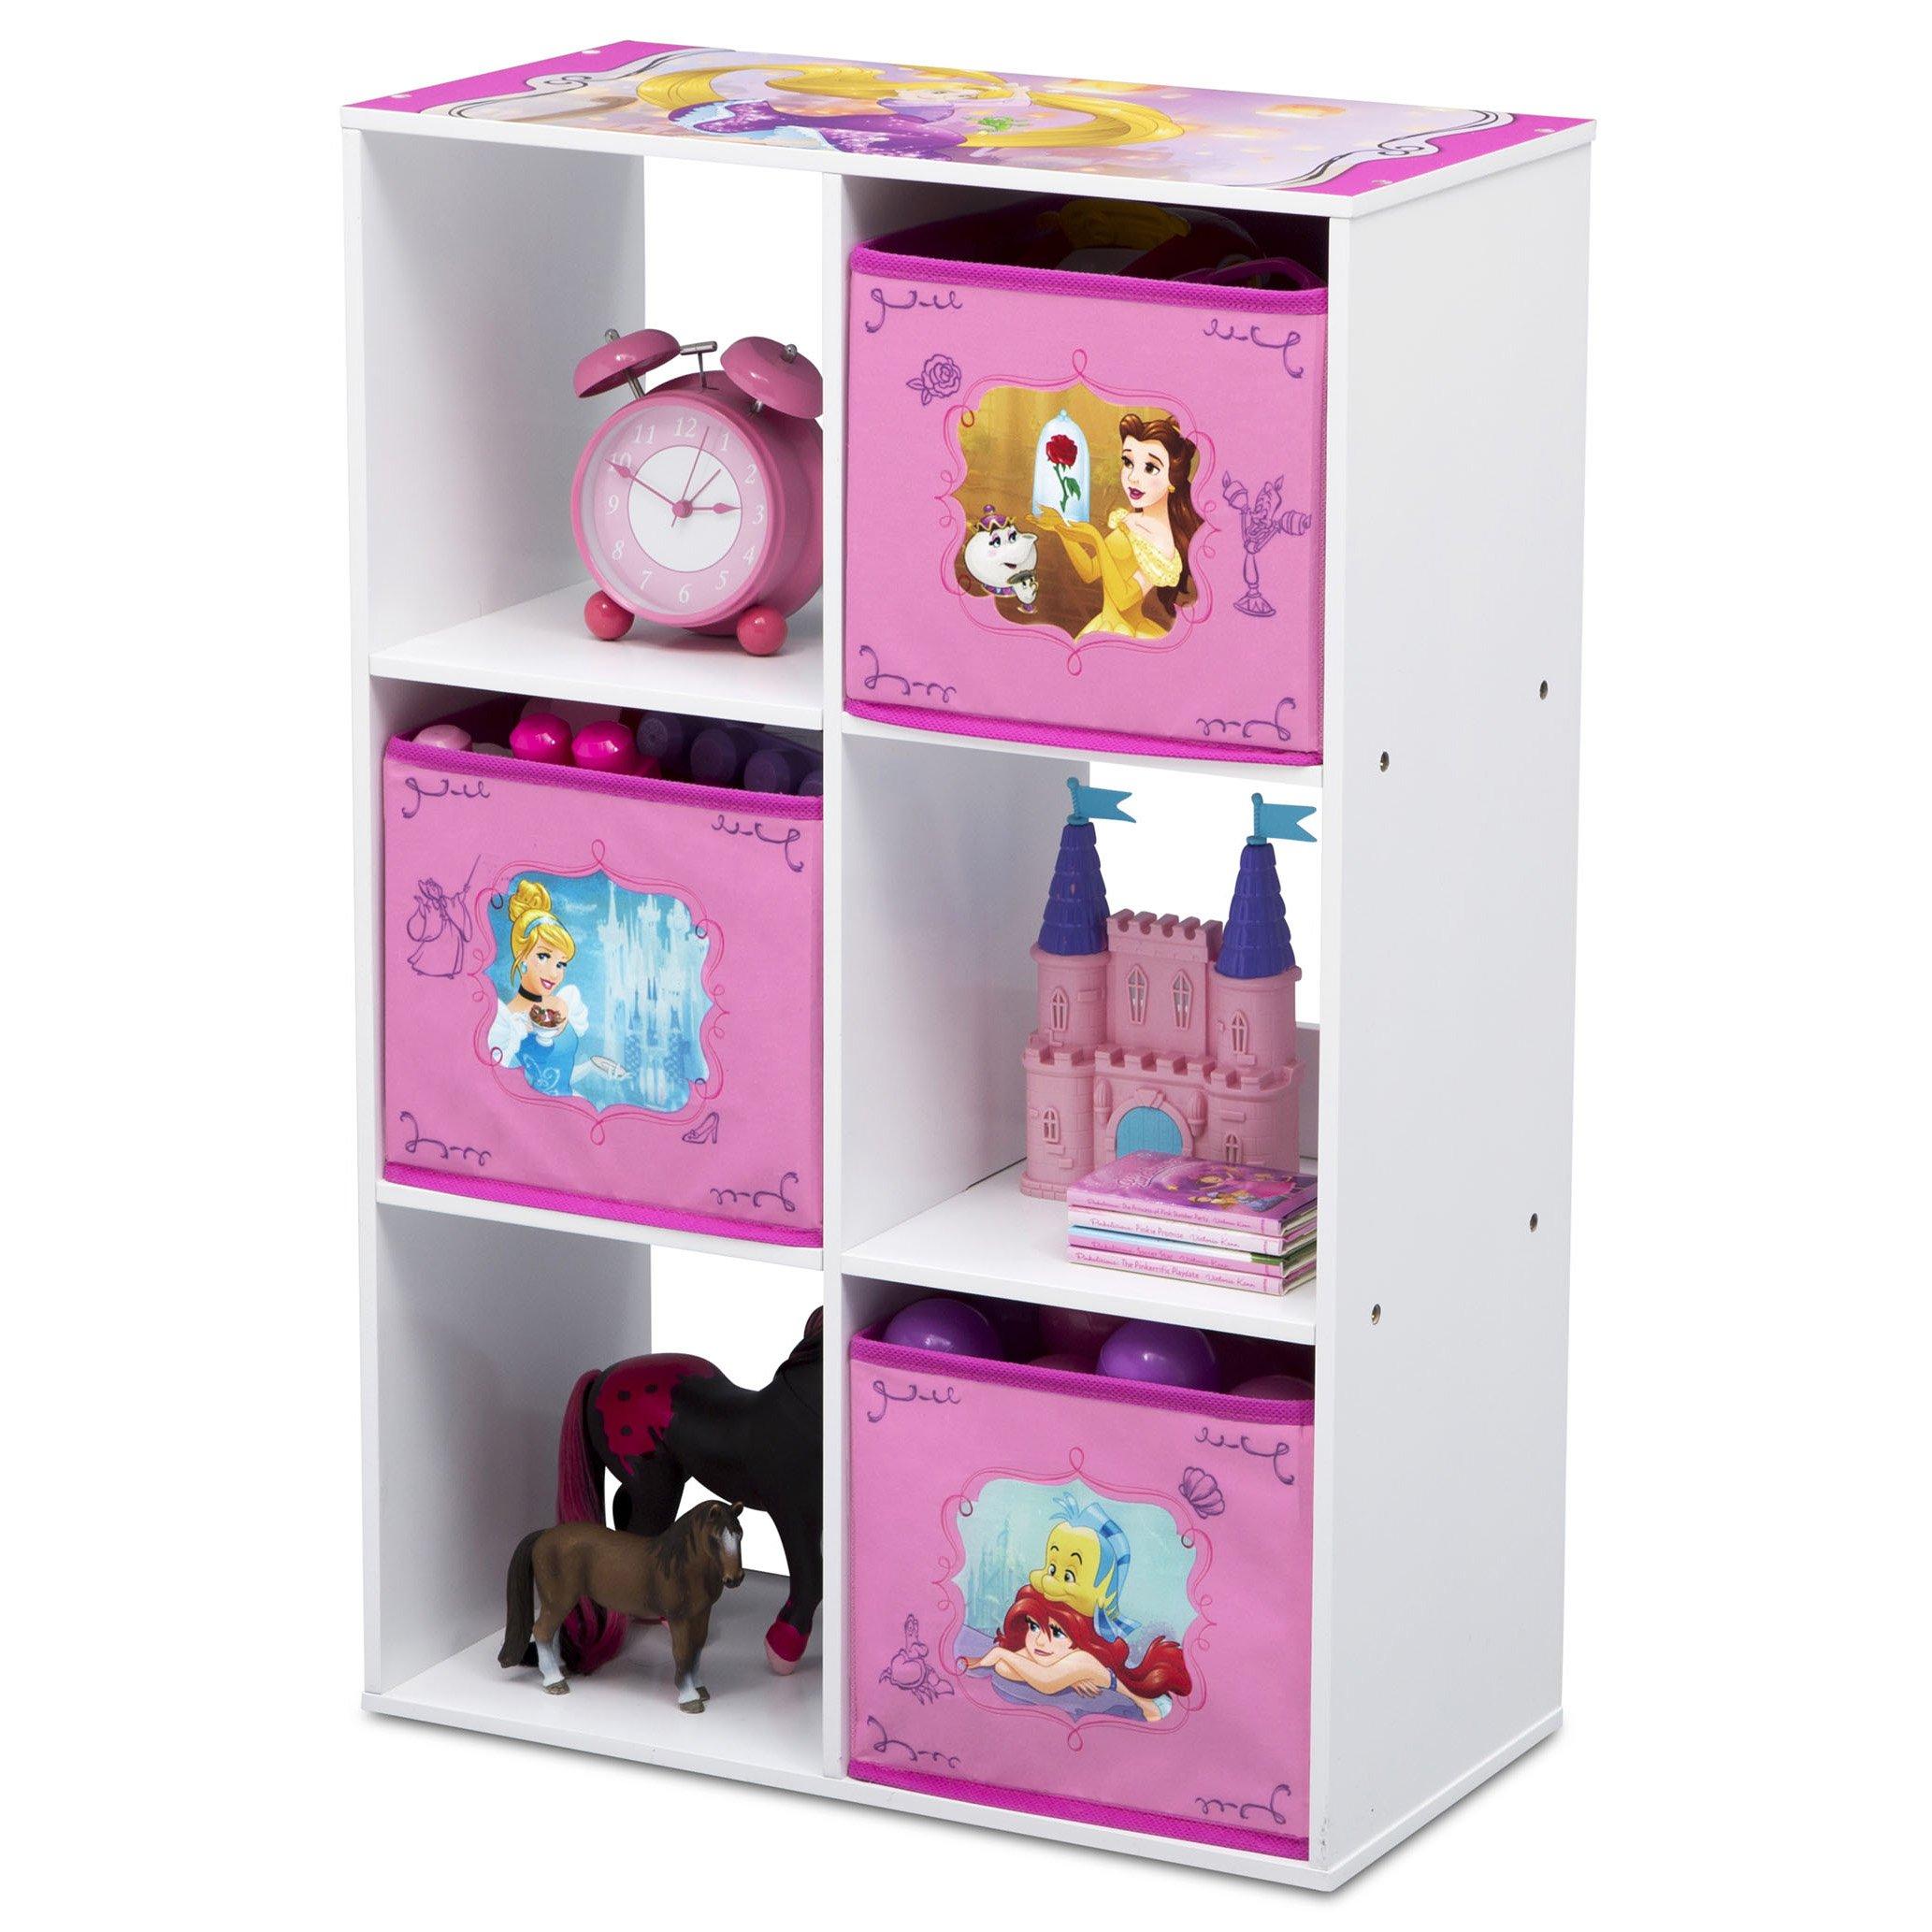 Delta Children 6 Cubby Storage Unit, Disney Princess by Delta Children (Image #4)